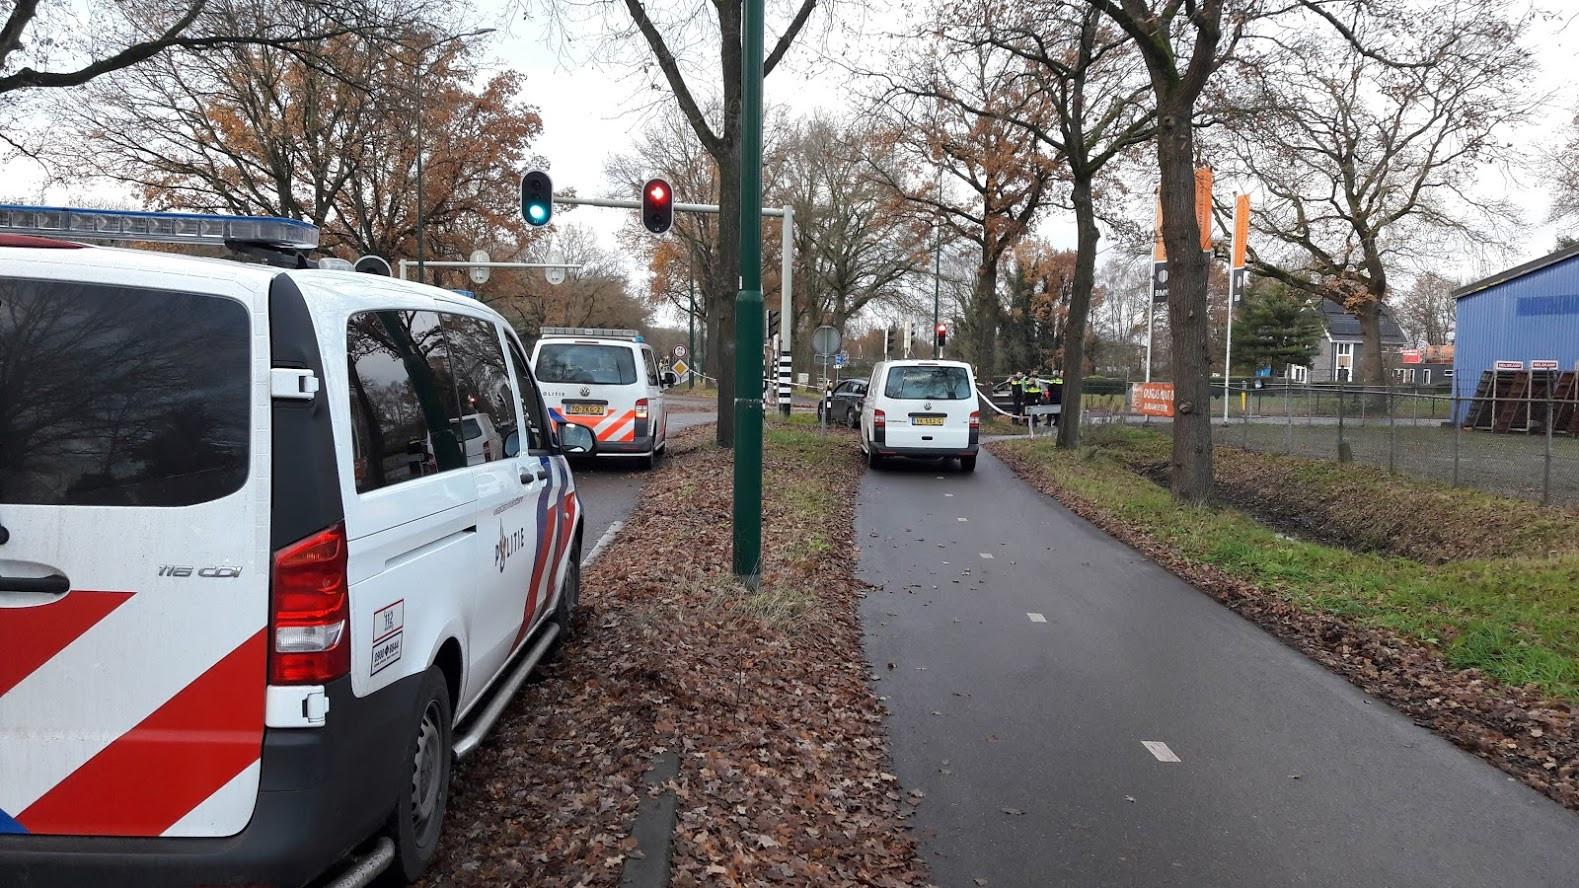 De politie onderzoekt een schietpartij op de hoek van de Cuneraweg en Brinkersteeg in Rhenen.